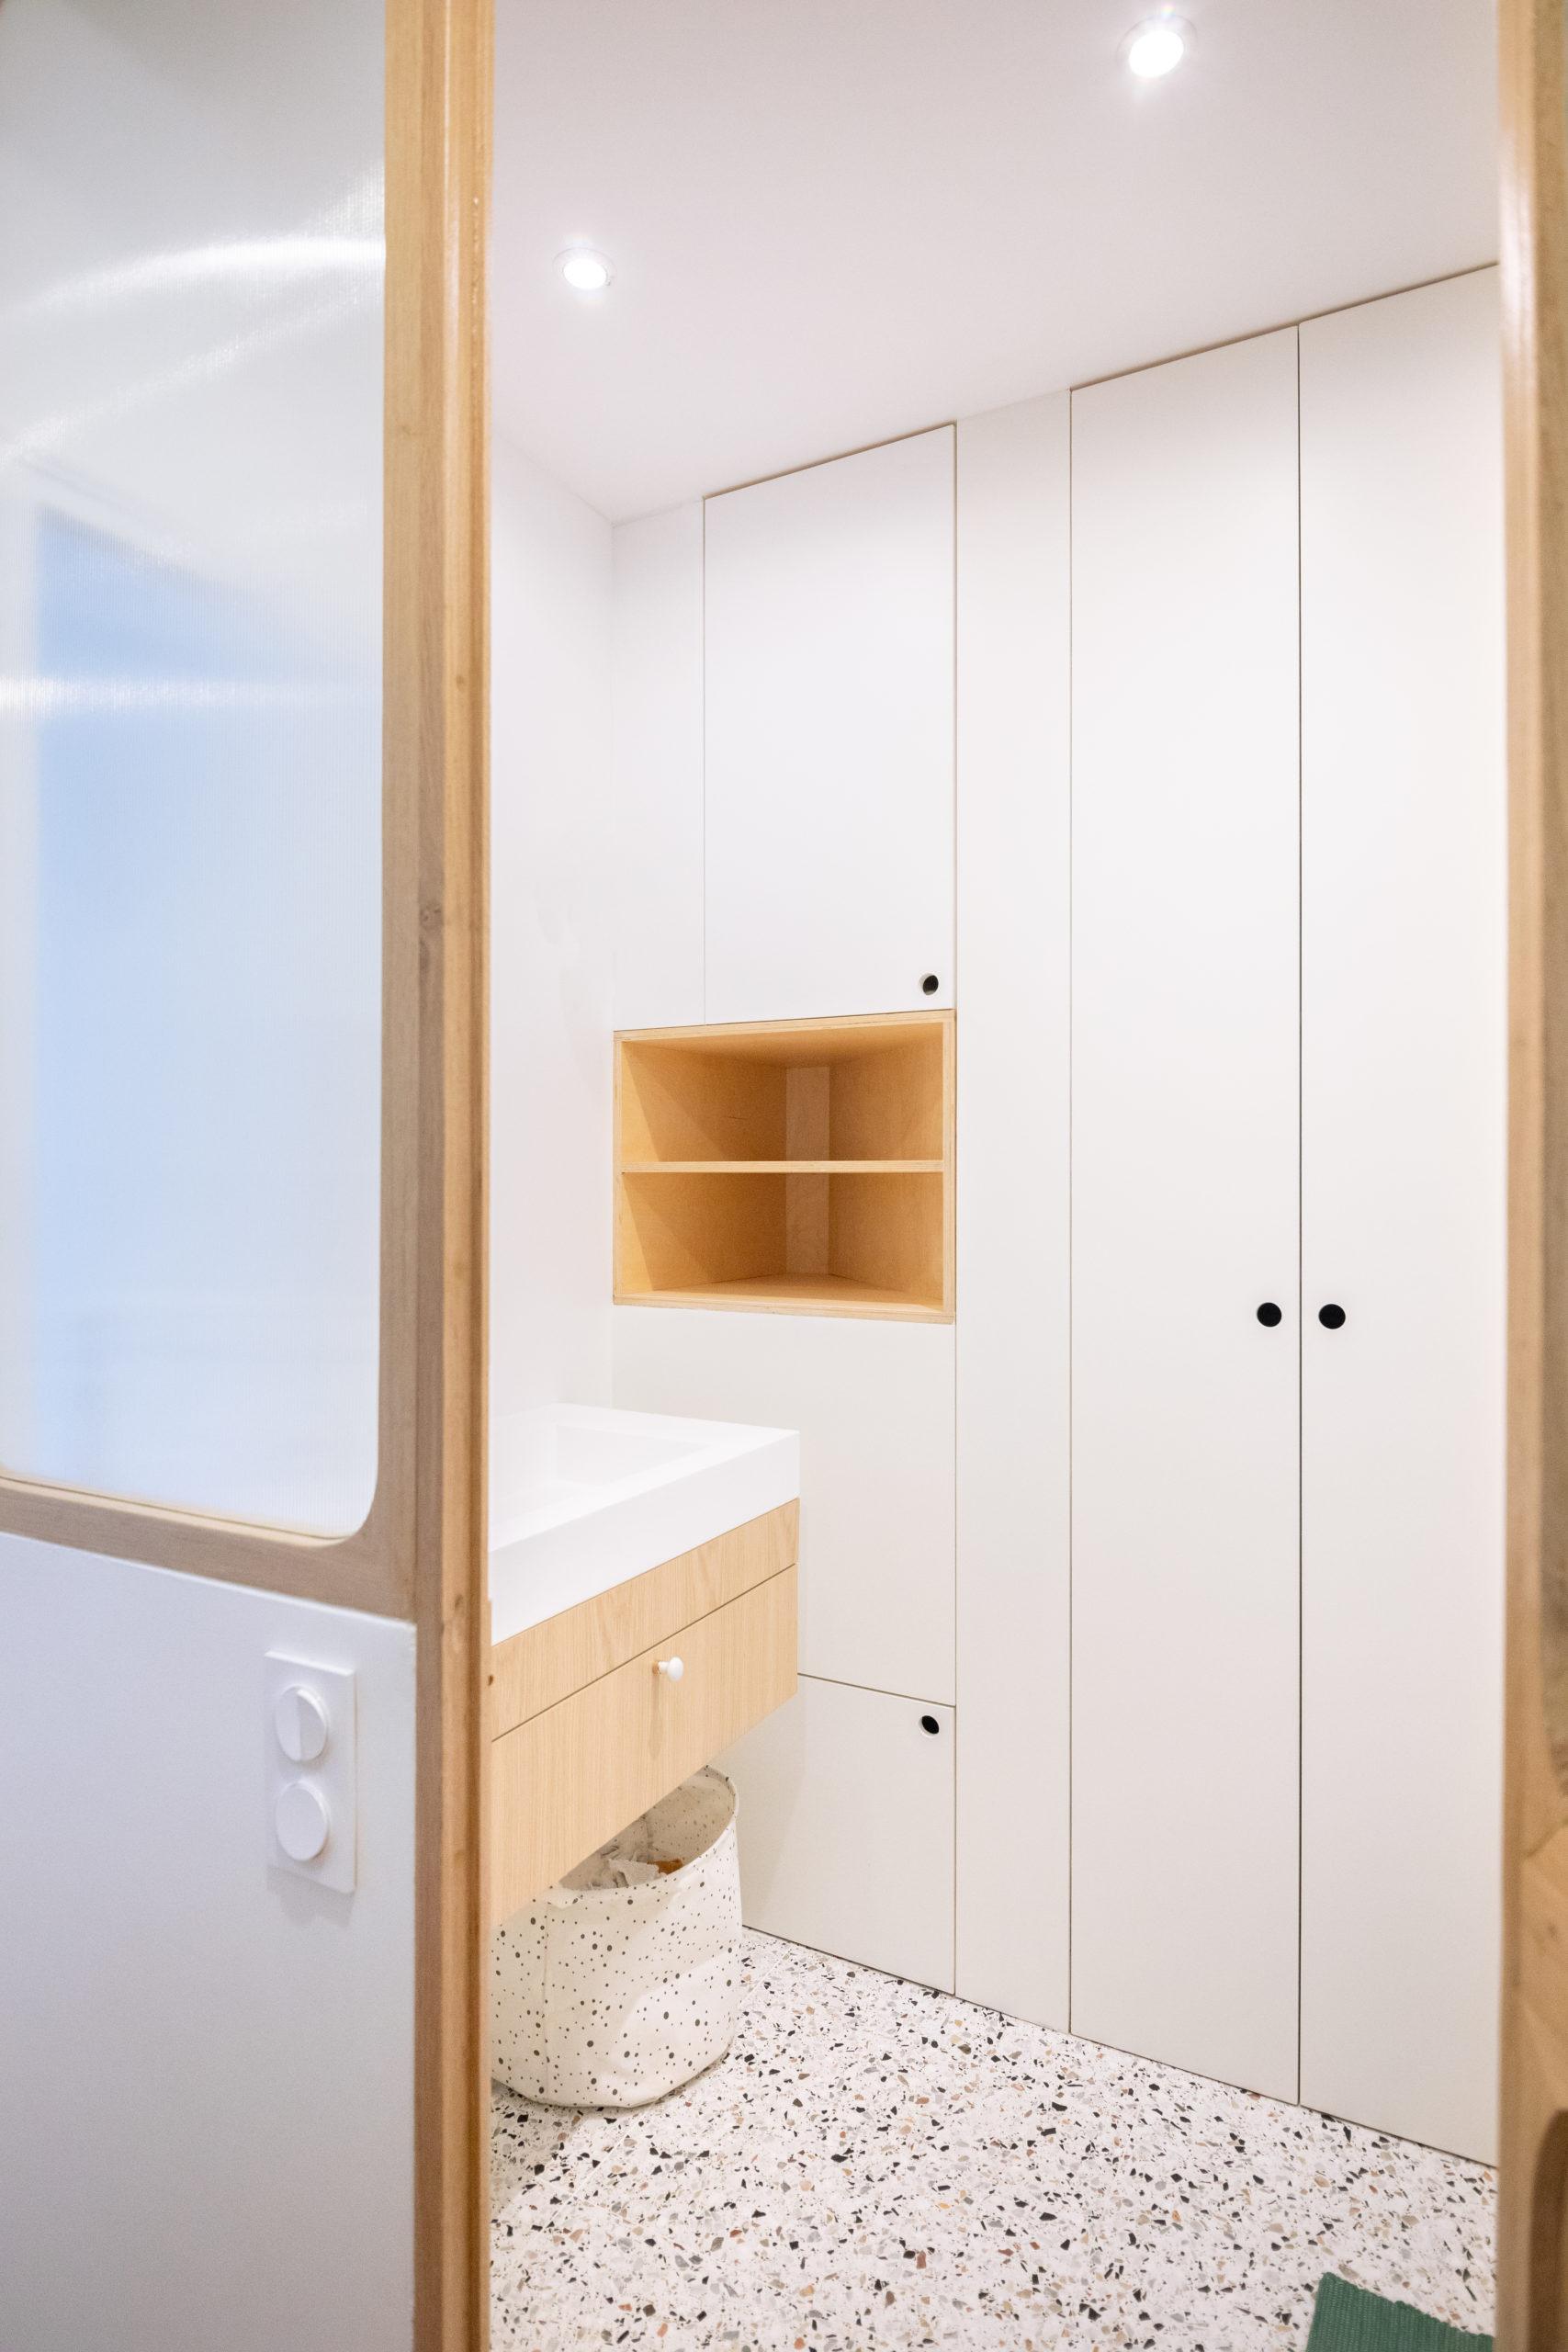 Salle-de-bains bois et terrazzo - Architecte intérieur Studio Mariekke - Paris